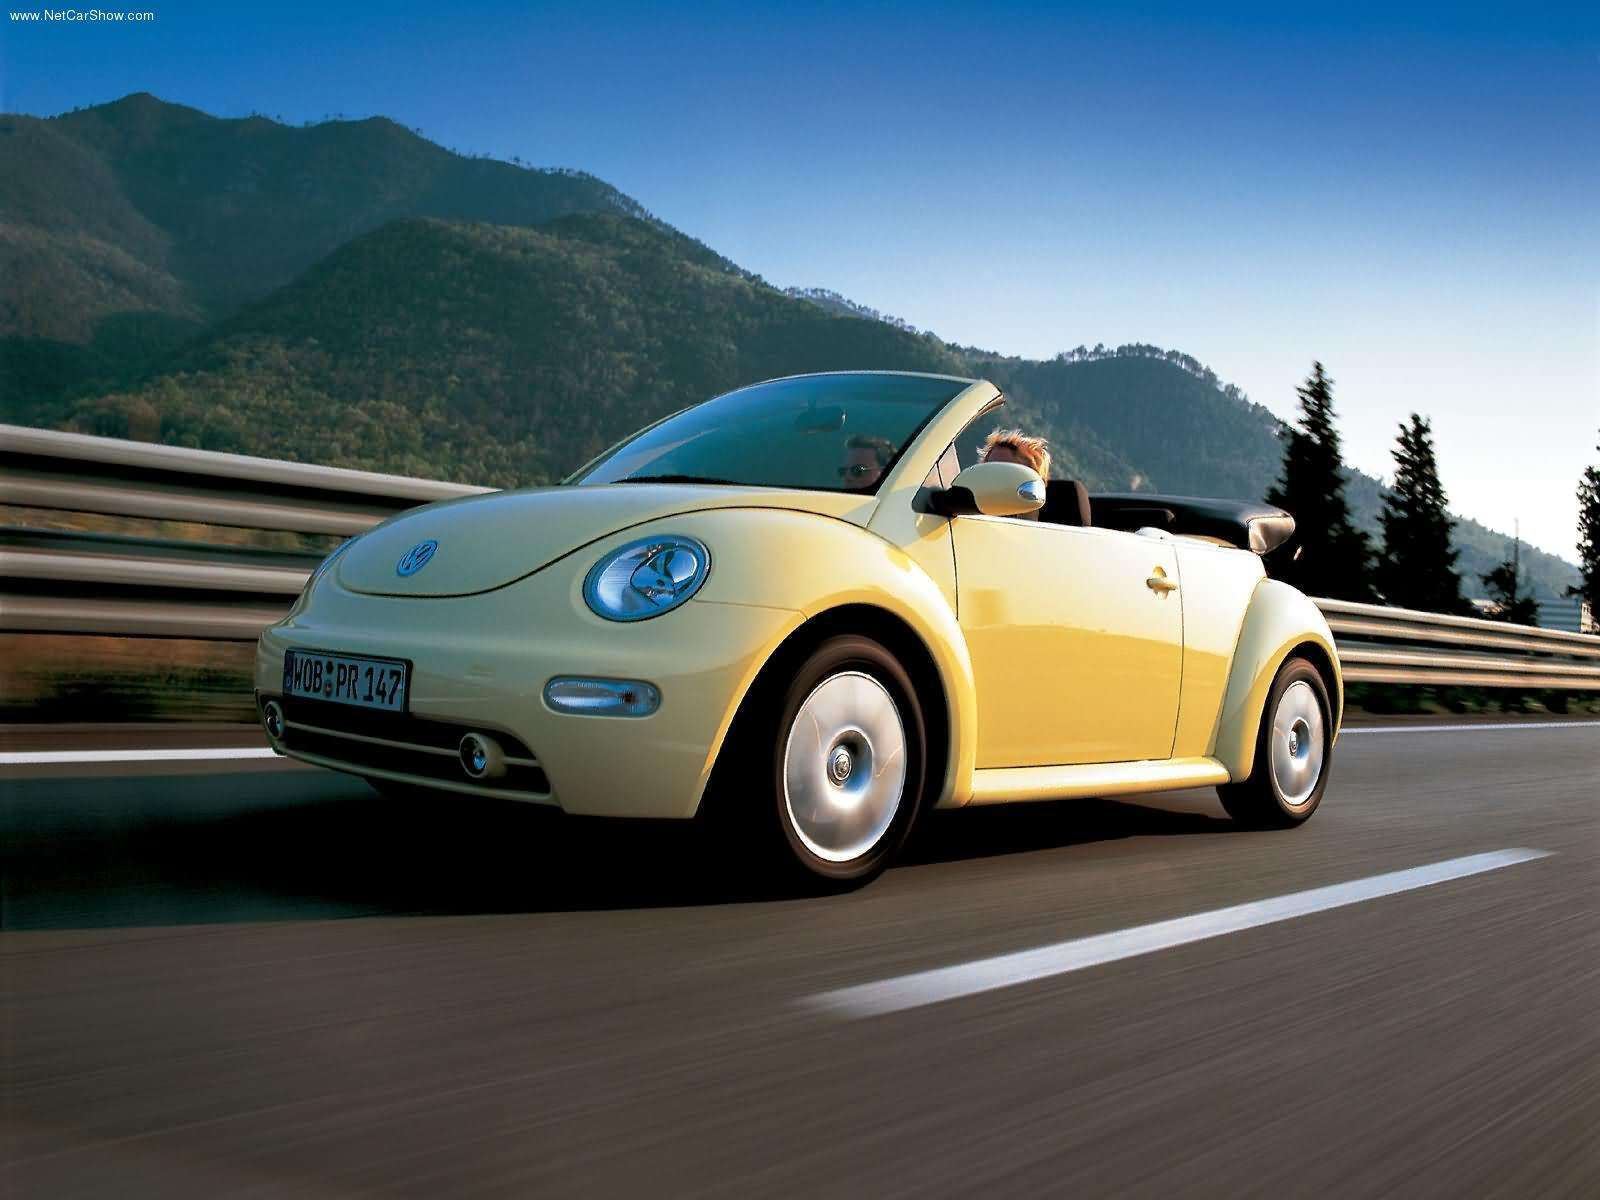 Vw Beetle Convertible >> Cars Cool Week: new volkswagen beetle 2012